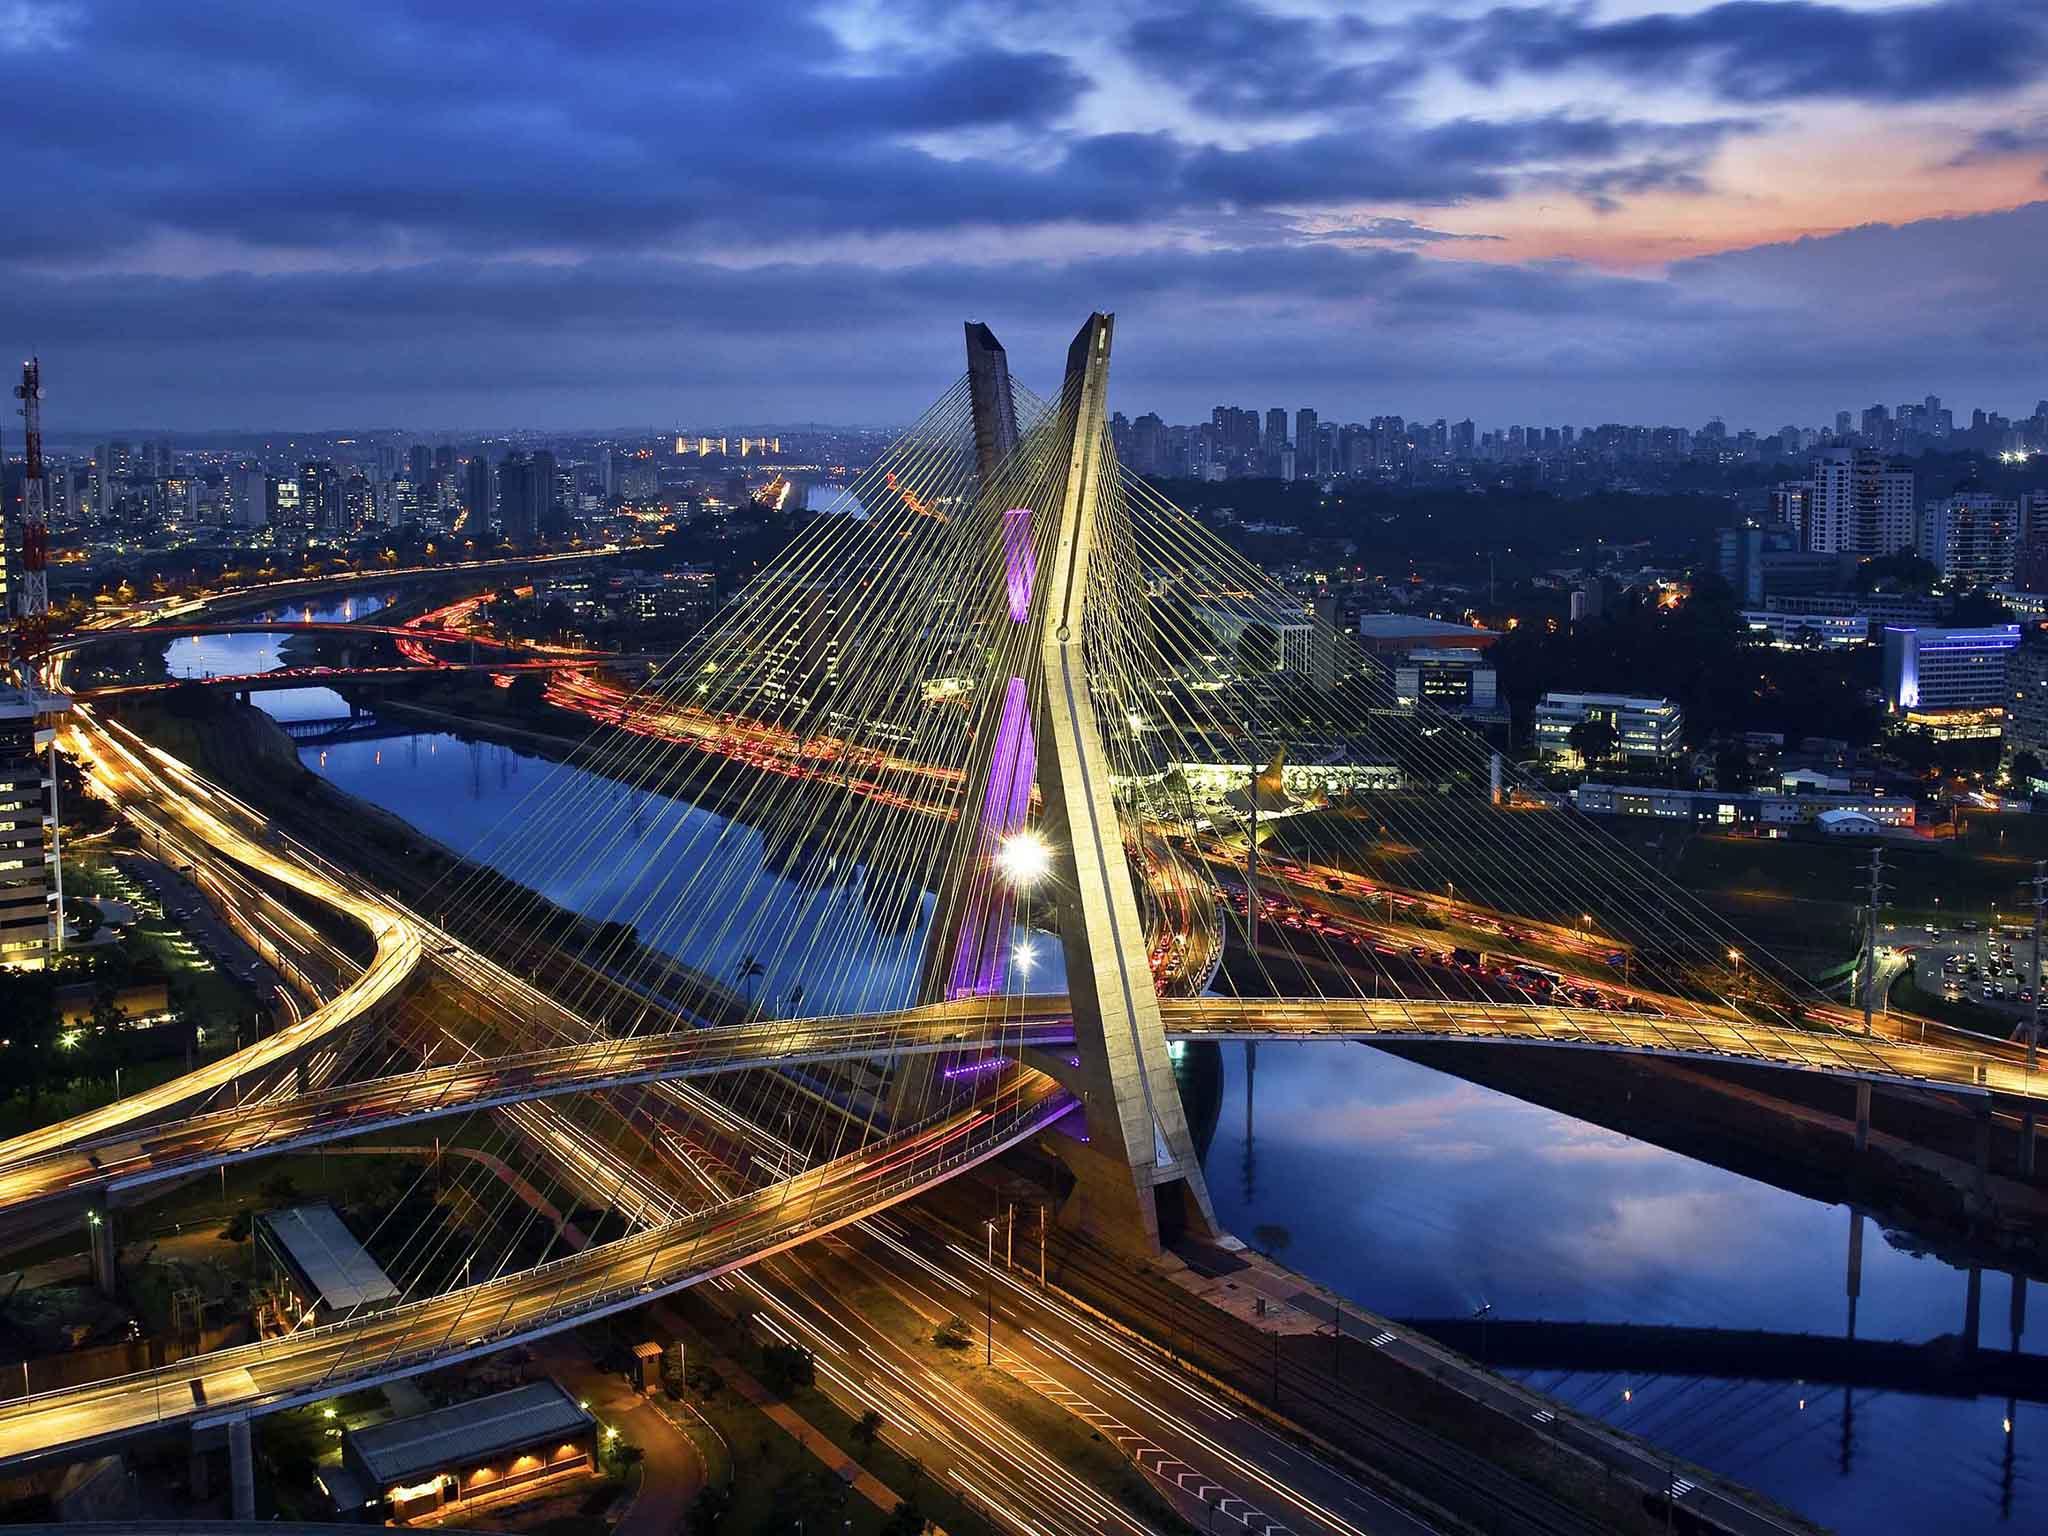 Dicas de Lugares para Dançar e Visitar em São Paulo